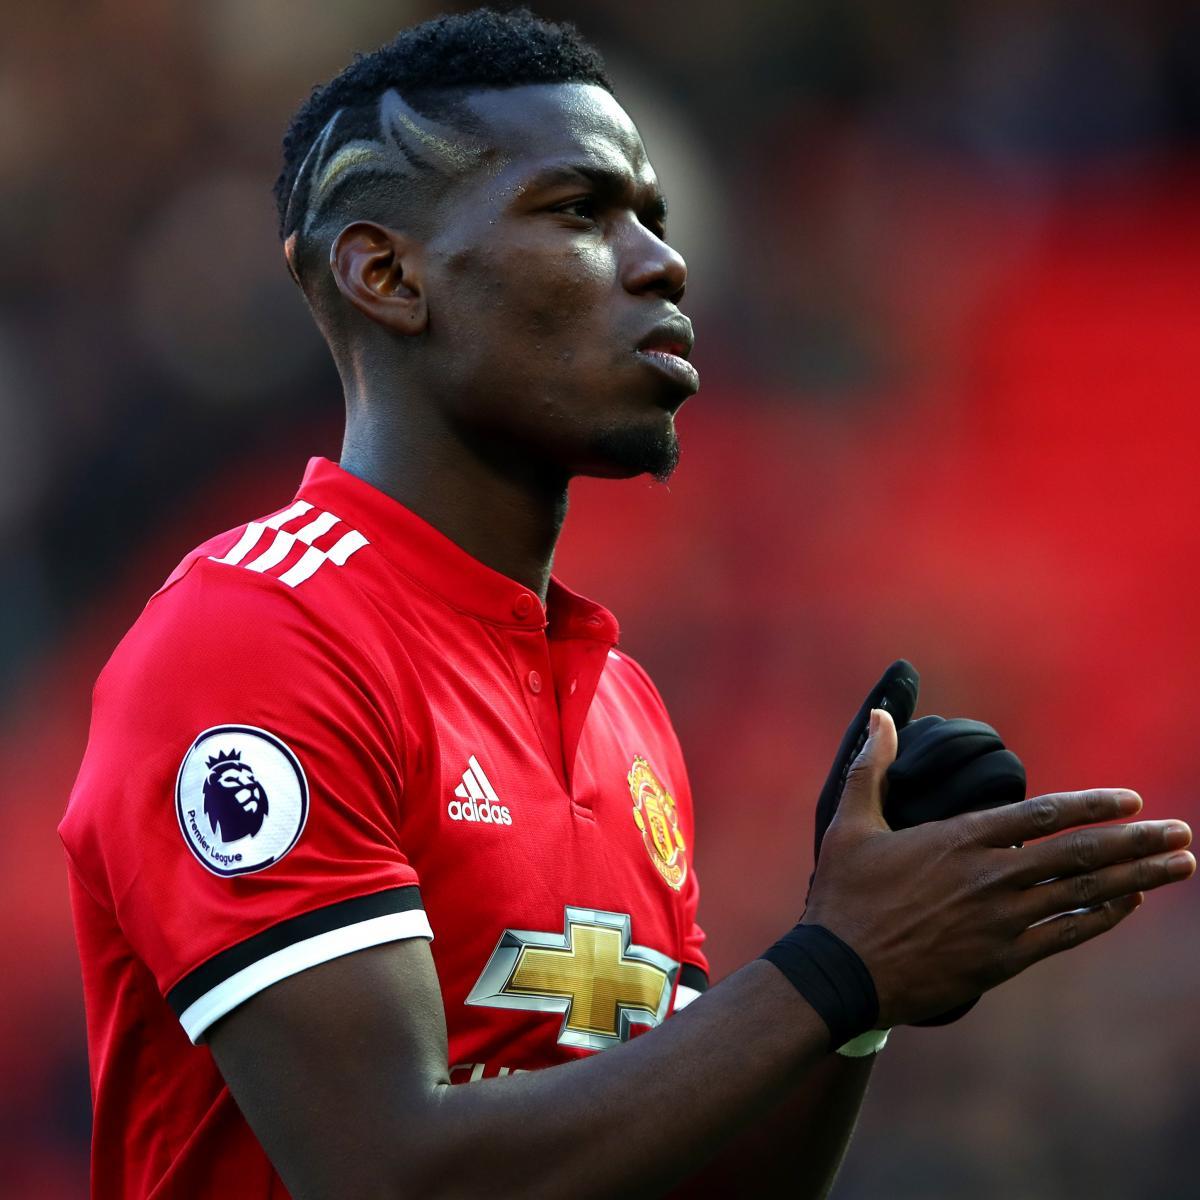 Manchester United Transfer News Latest Rumours On Lucas: Manchester United Transfer News: Mino Raiola Dismisses